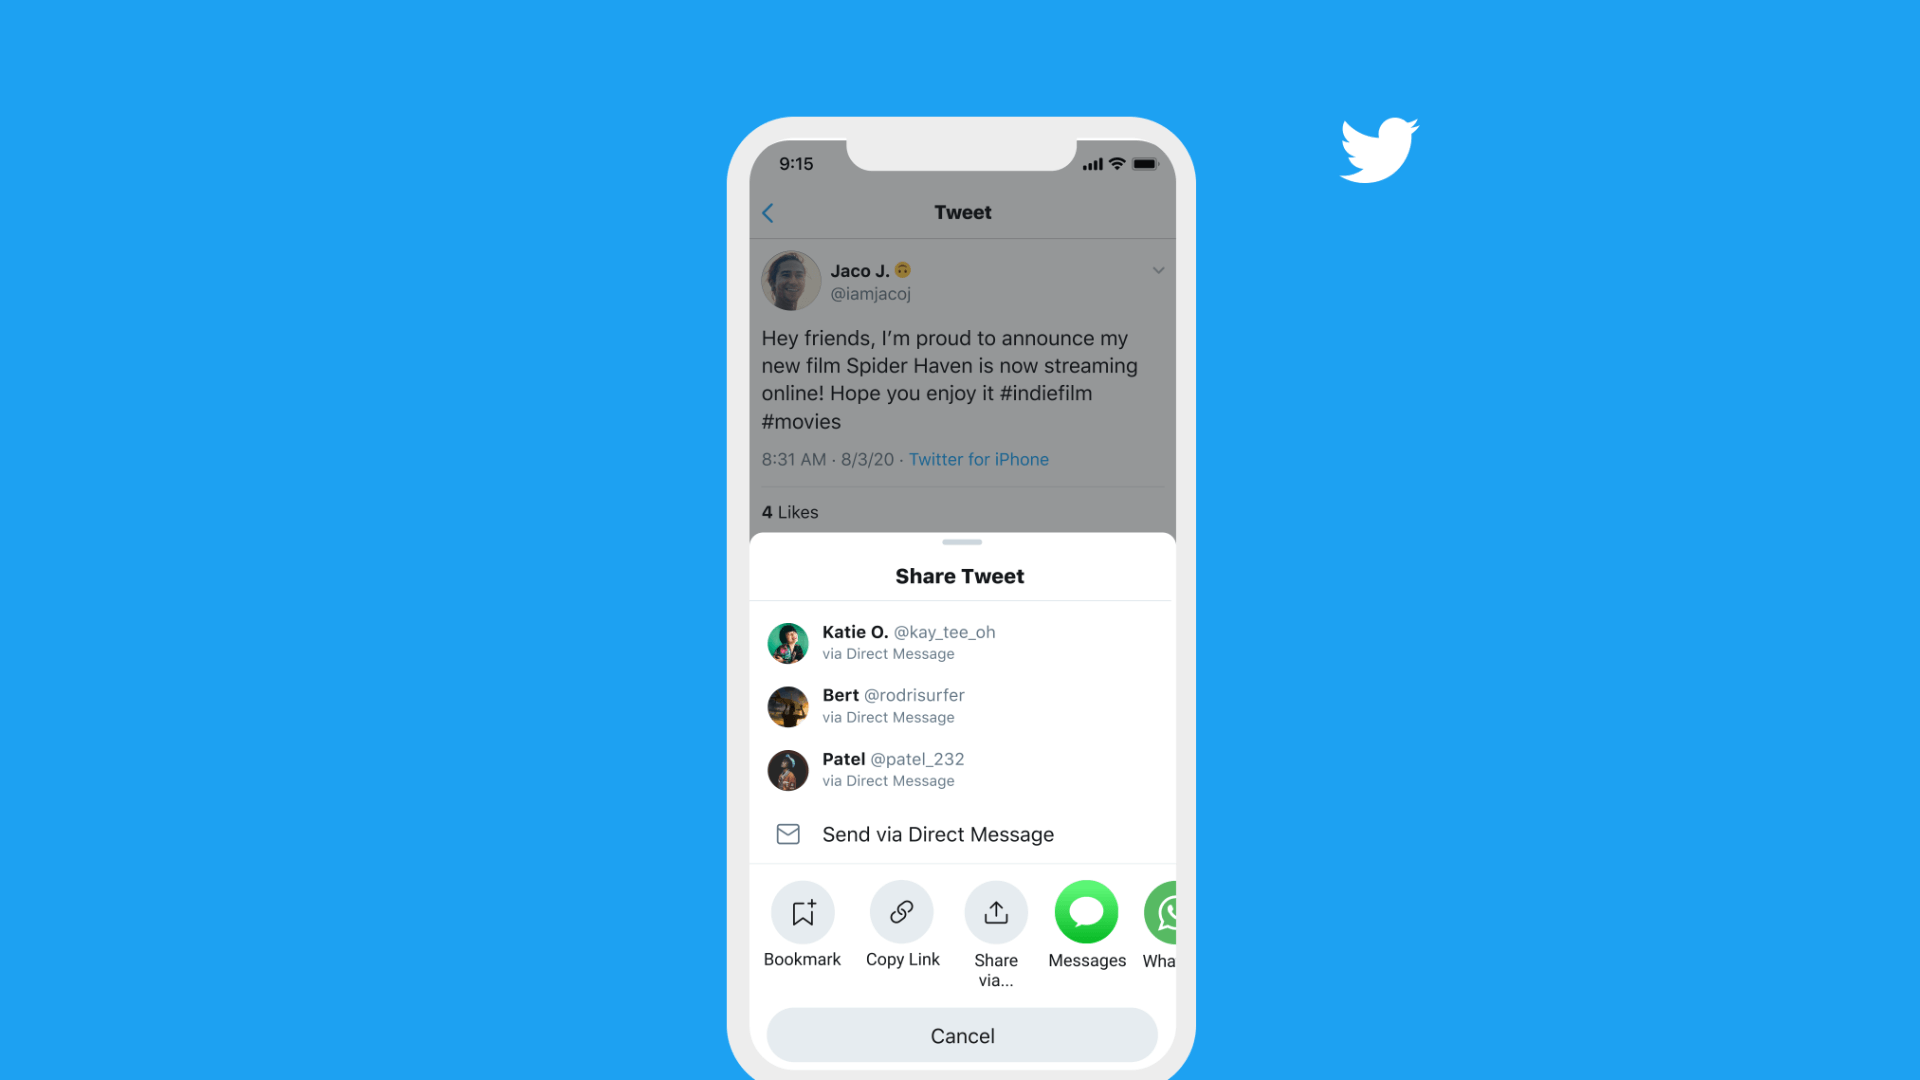 В обновлении приложения Twitter для iOS появилось новое меню «Поделиться твитом» с предложениями DM